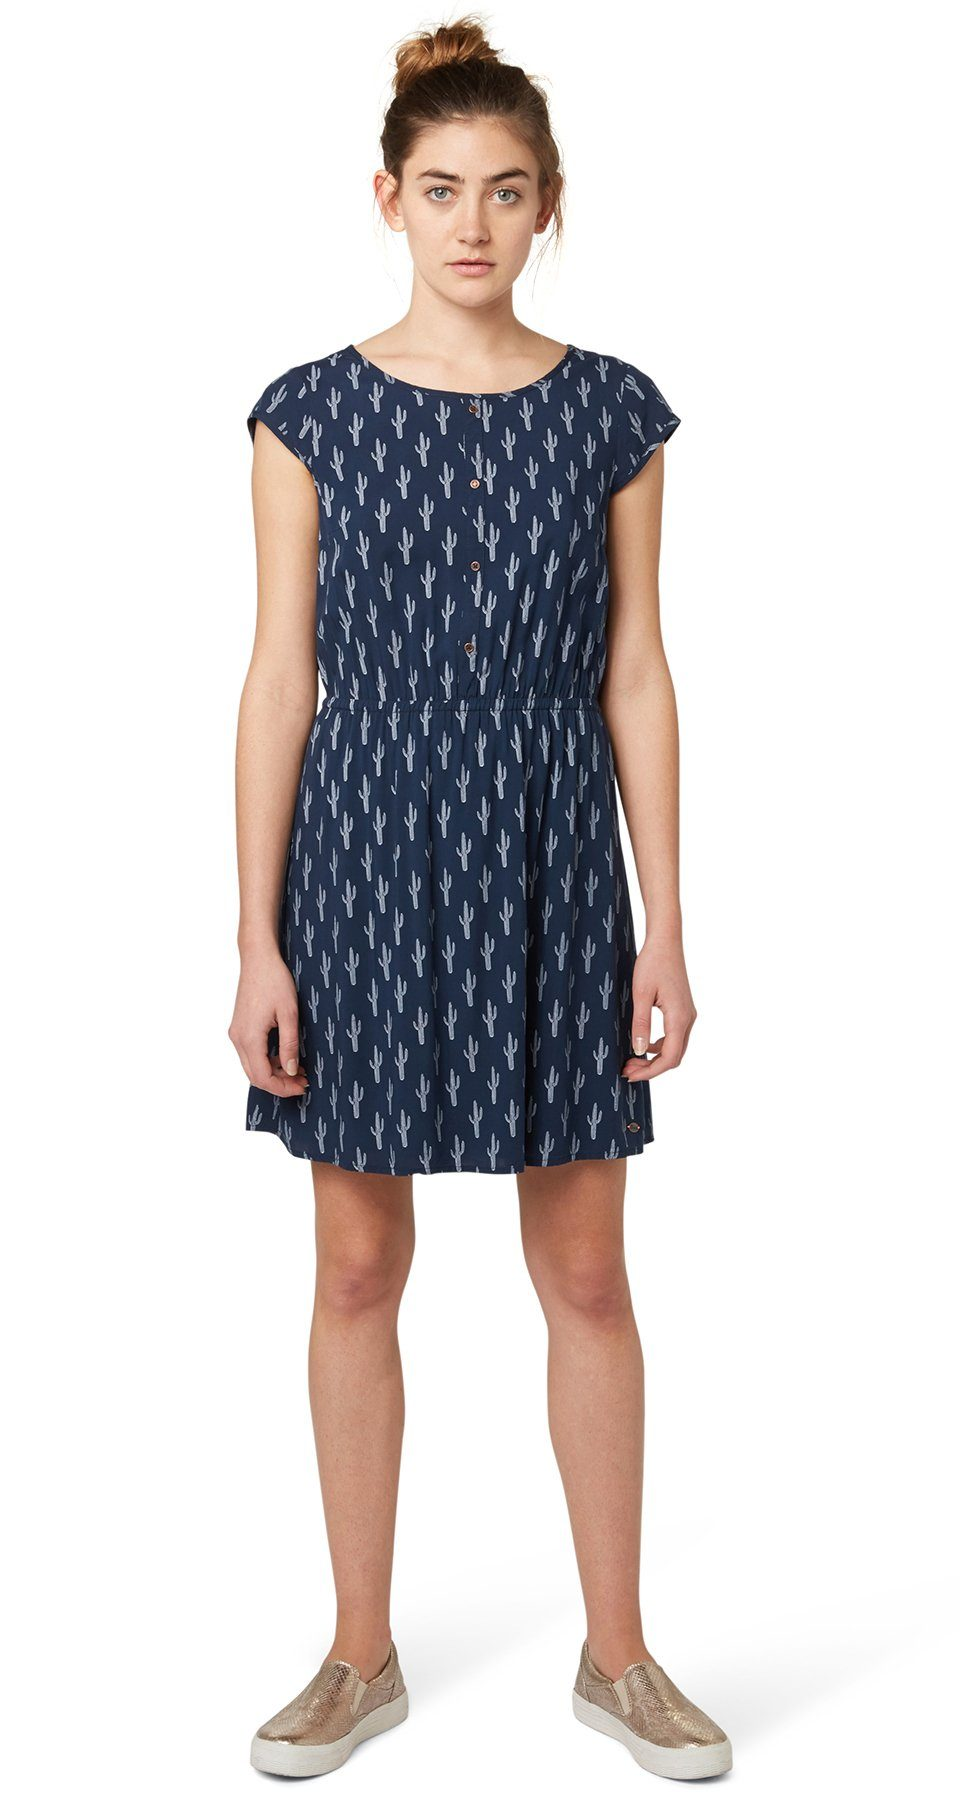 TOM TAILOR DENIM Kleid »gemustertes Kleid mit Rückendetail«